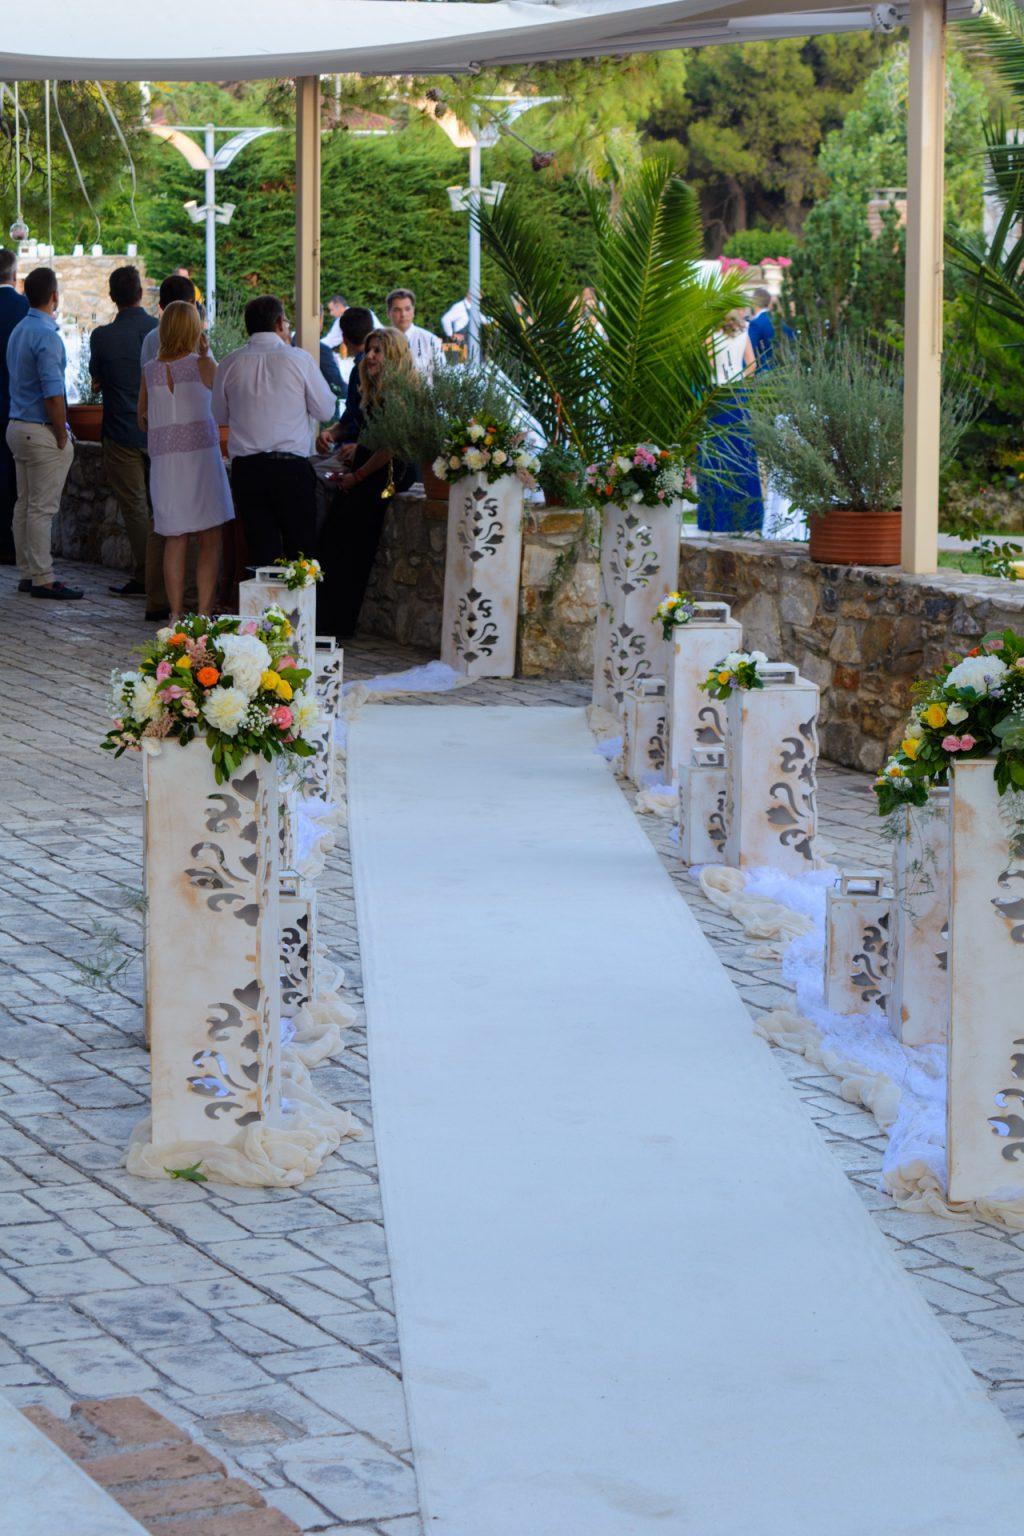 stolismos ekklisias white carpet